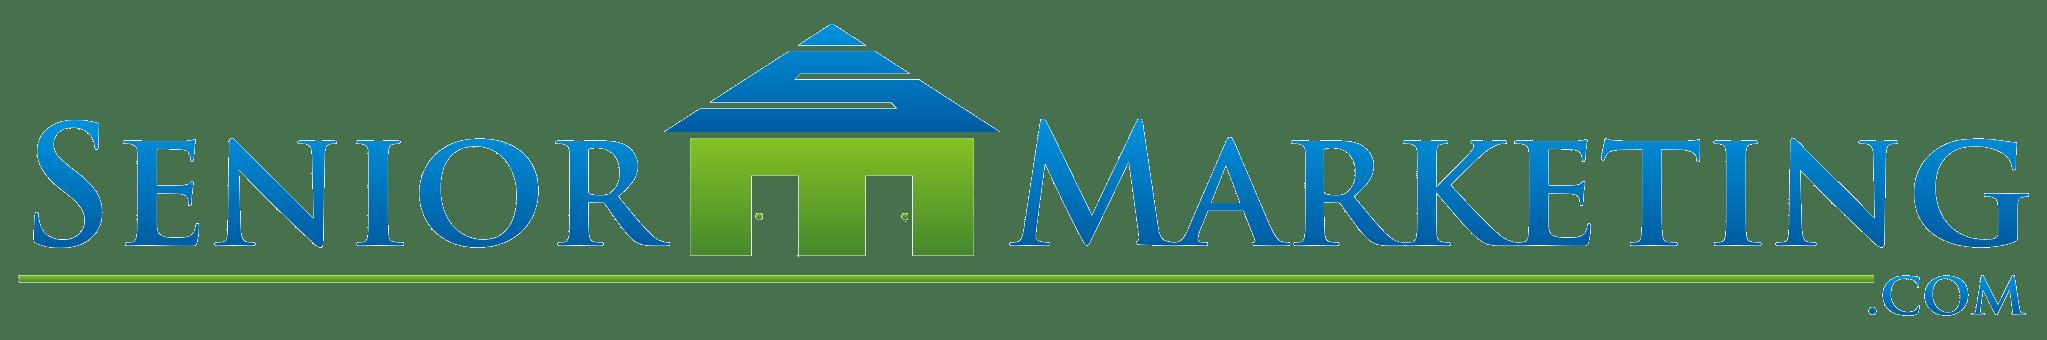 SeniorMarketing.com